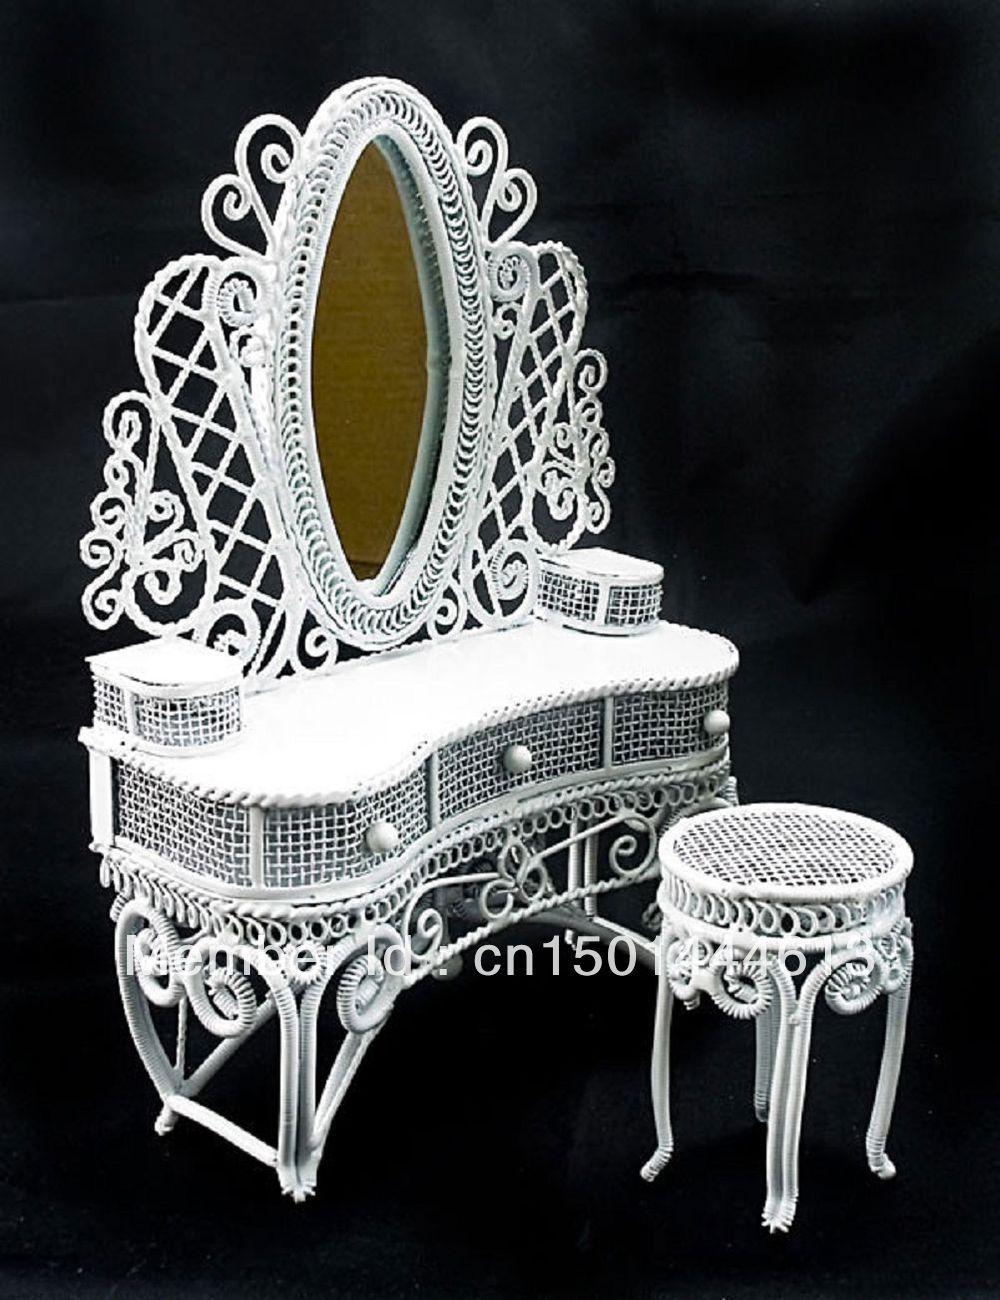 Fio branco Vanity espelho e cadeira 1:12 de Doll House móveis Dollhouse Set jóias Display(China (Mainland))